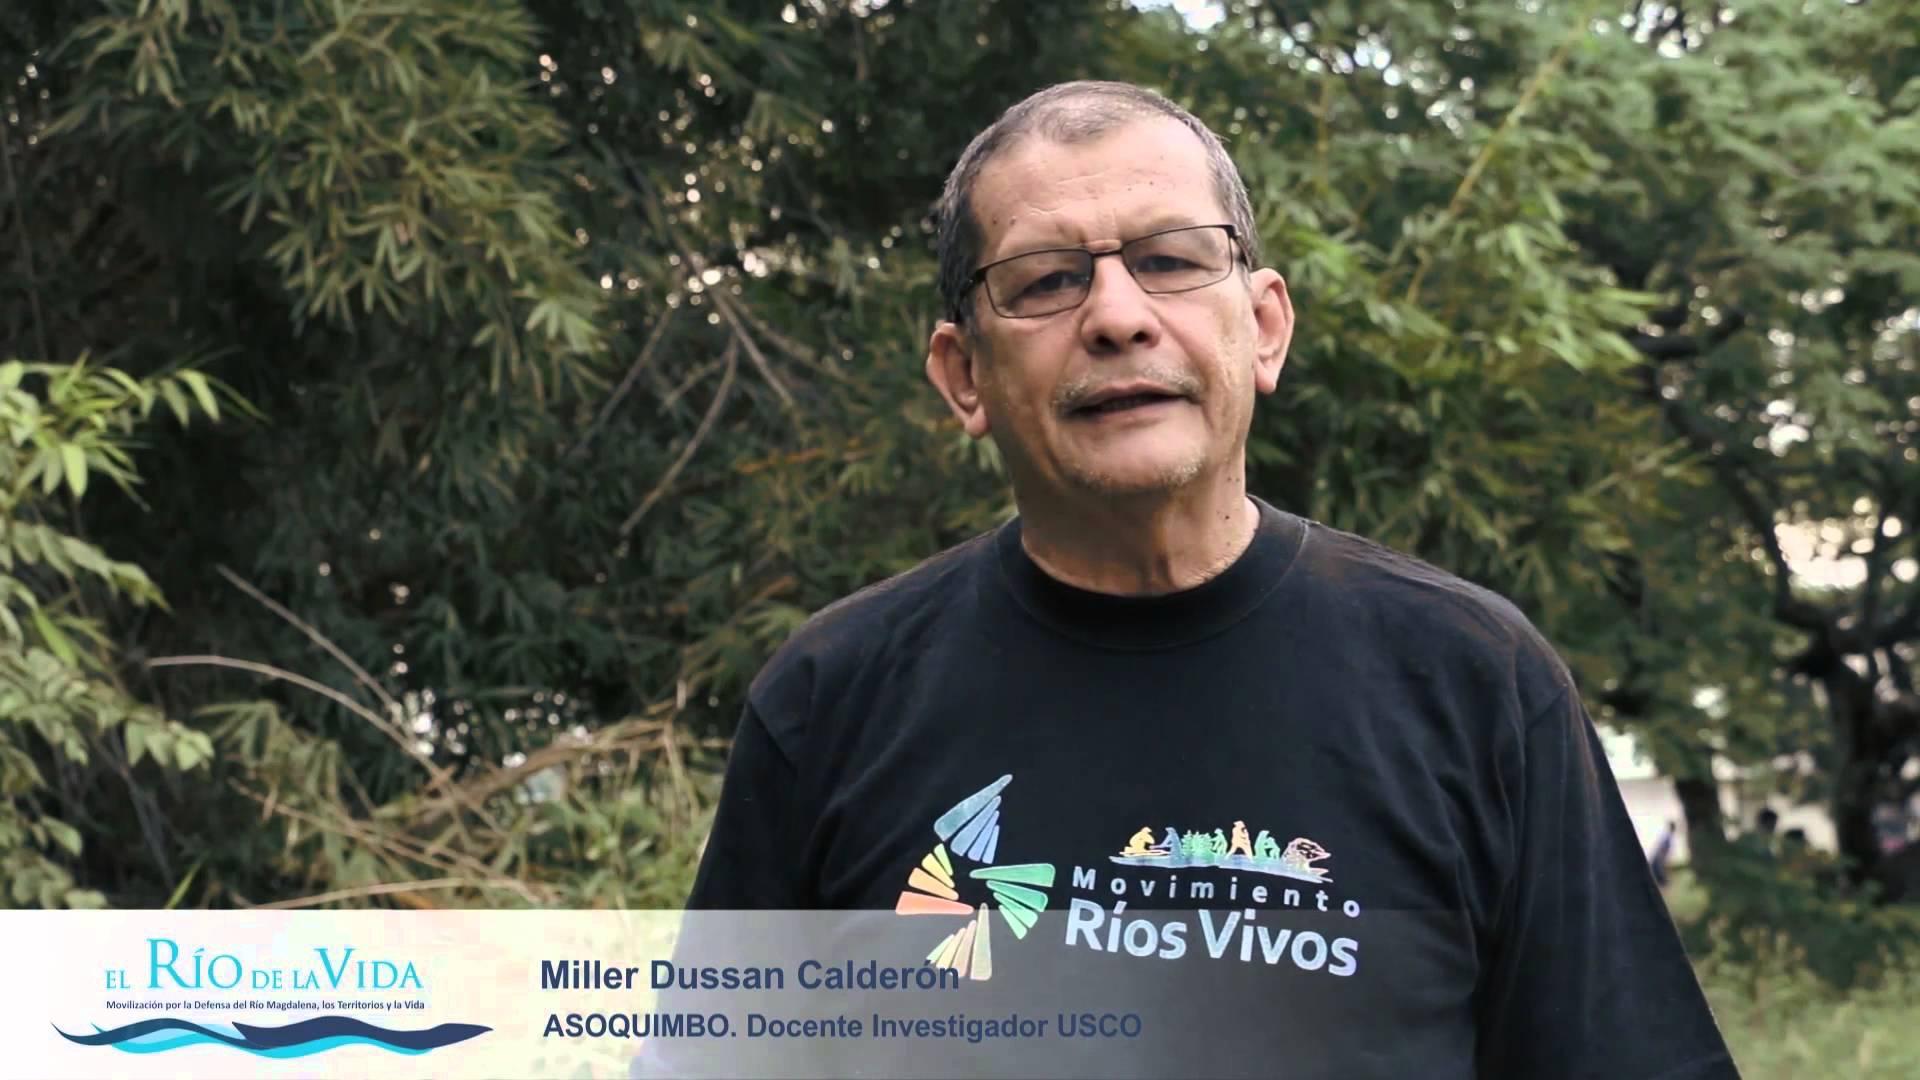 Pronunciamiento de la RNDP Criminalización y hostigamiento judicial al defensor de derechos humanos Miller Dussan Calderon